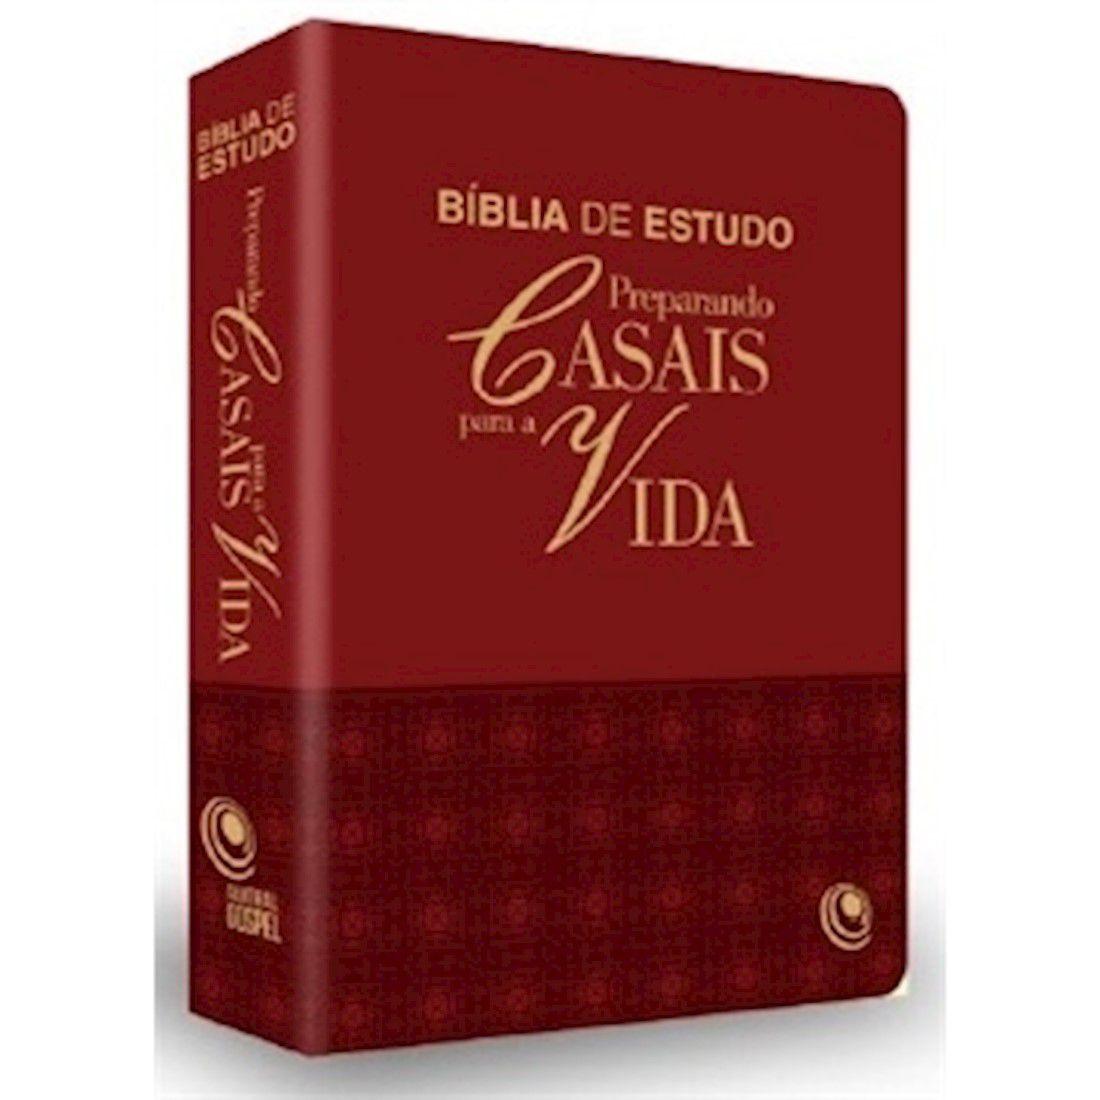 Bíblia de Estudo Preparando Casais Para a Vida